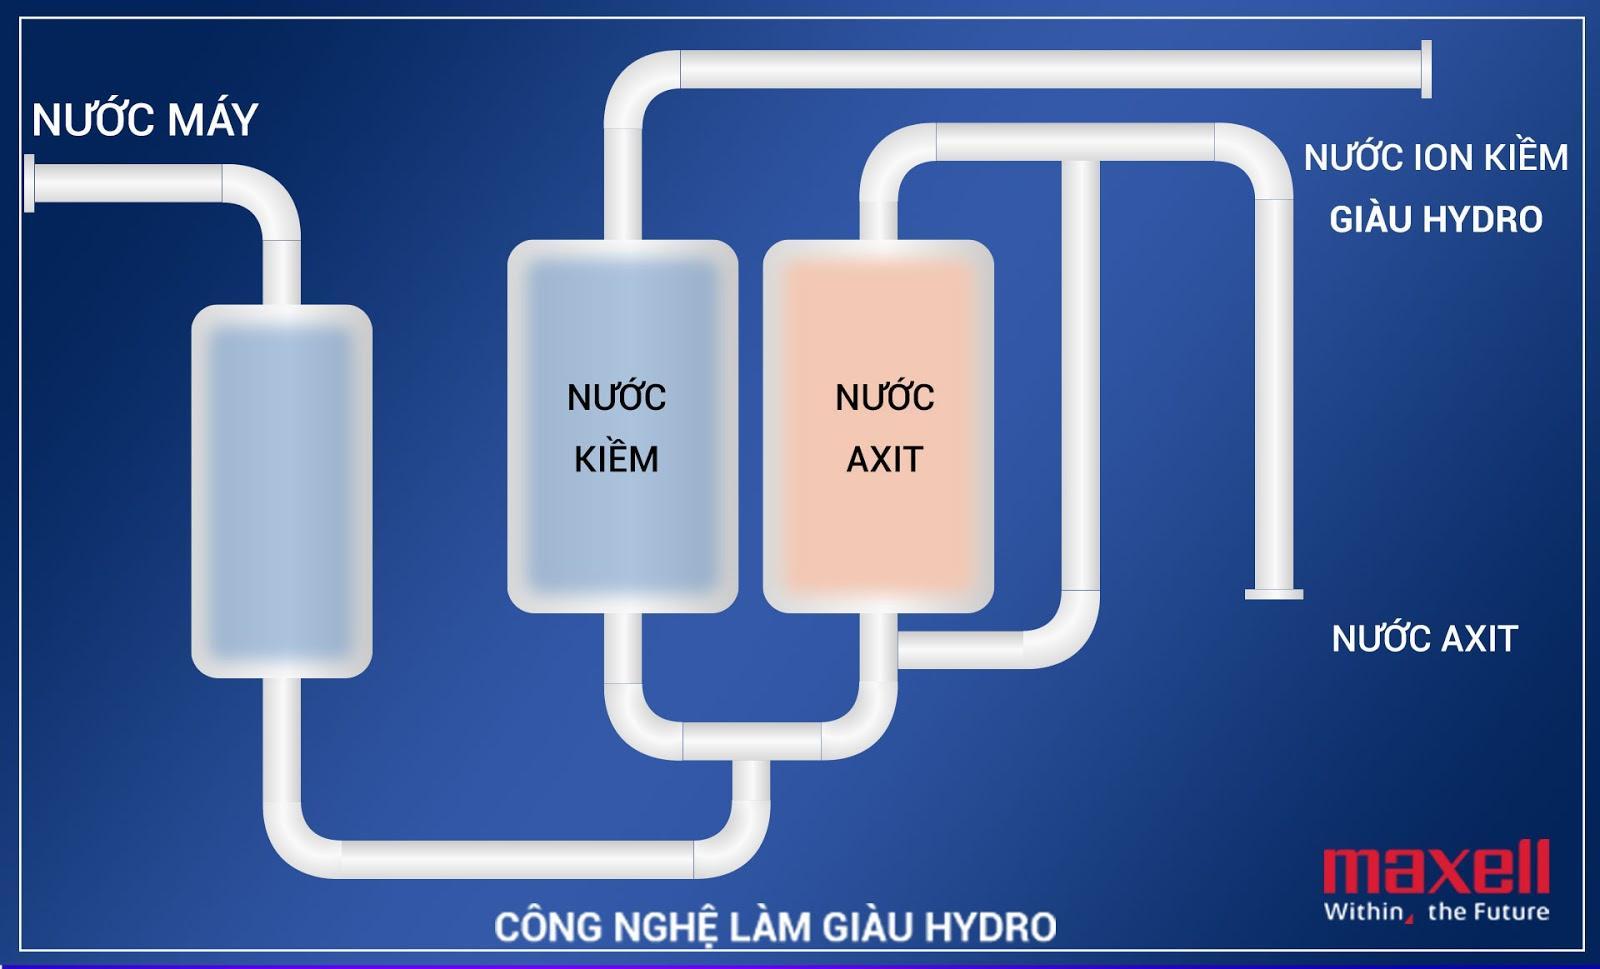 Bảo vệ sức khỏe từ nước uống ion kiềm giàu hydro Atica  - Ảnh 1